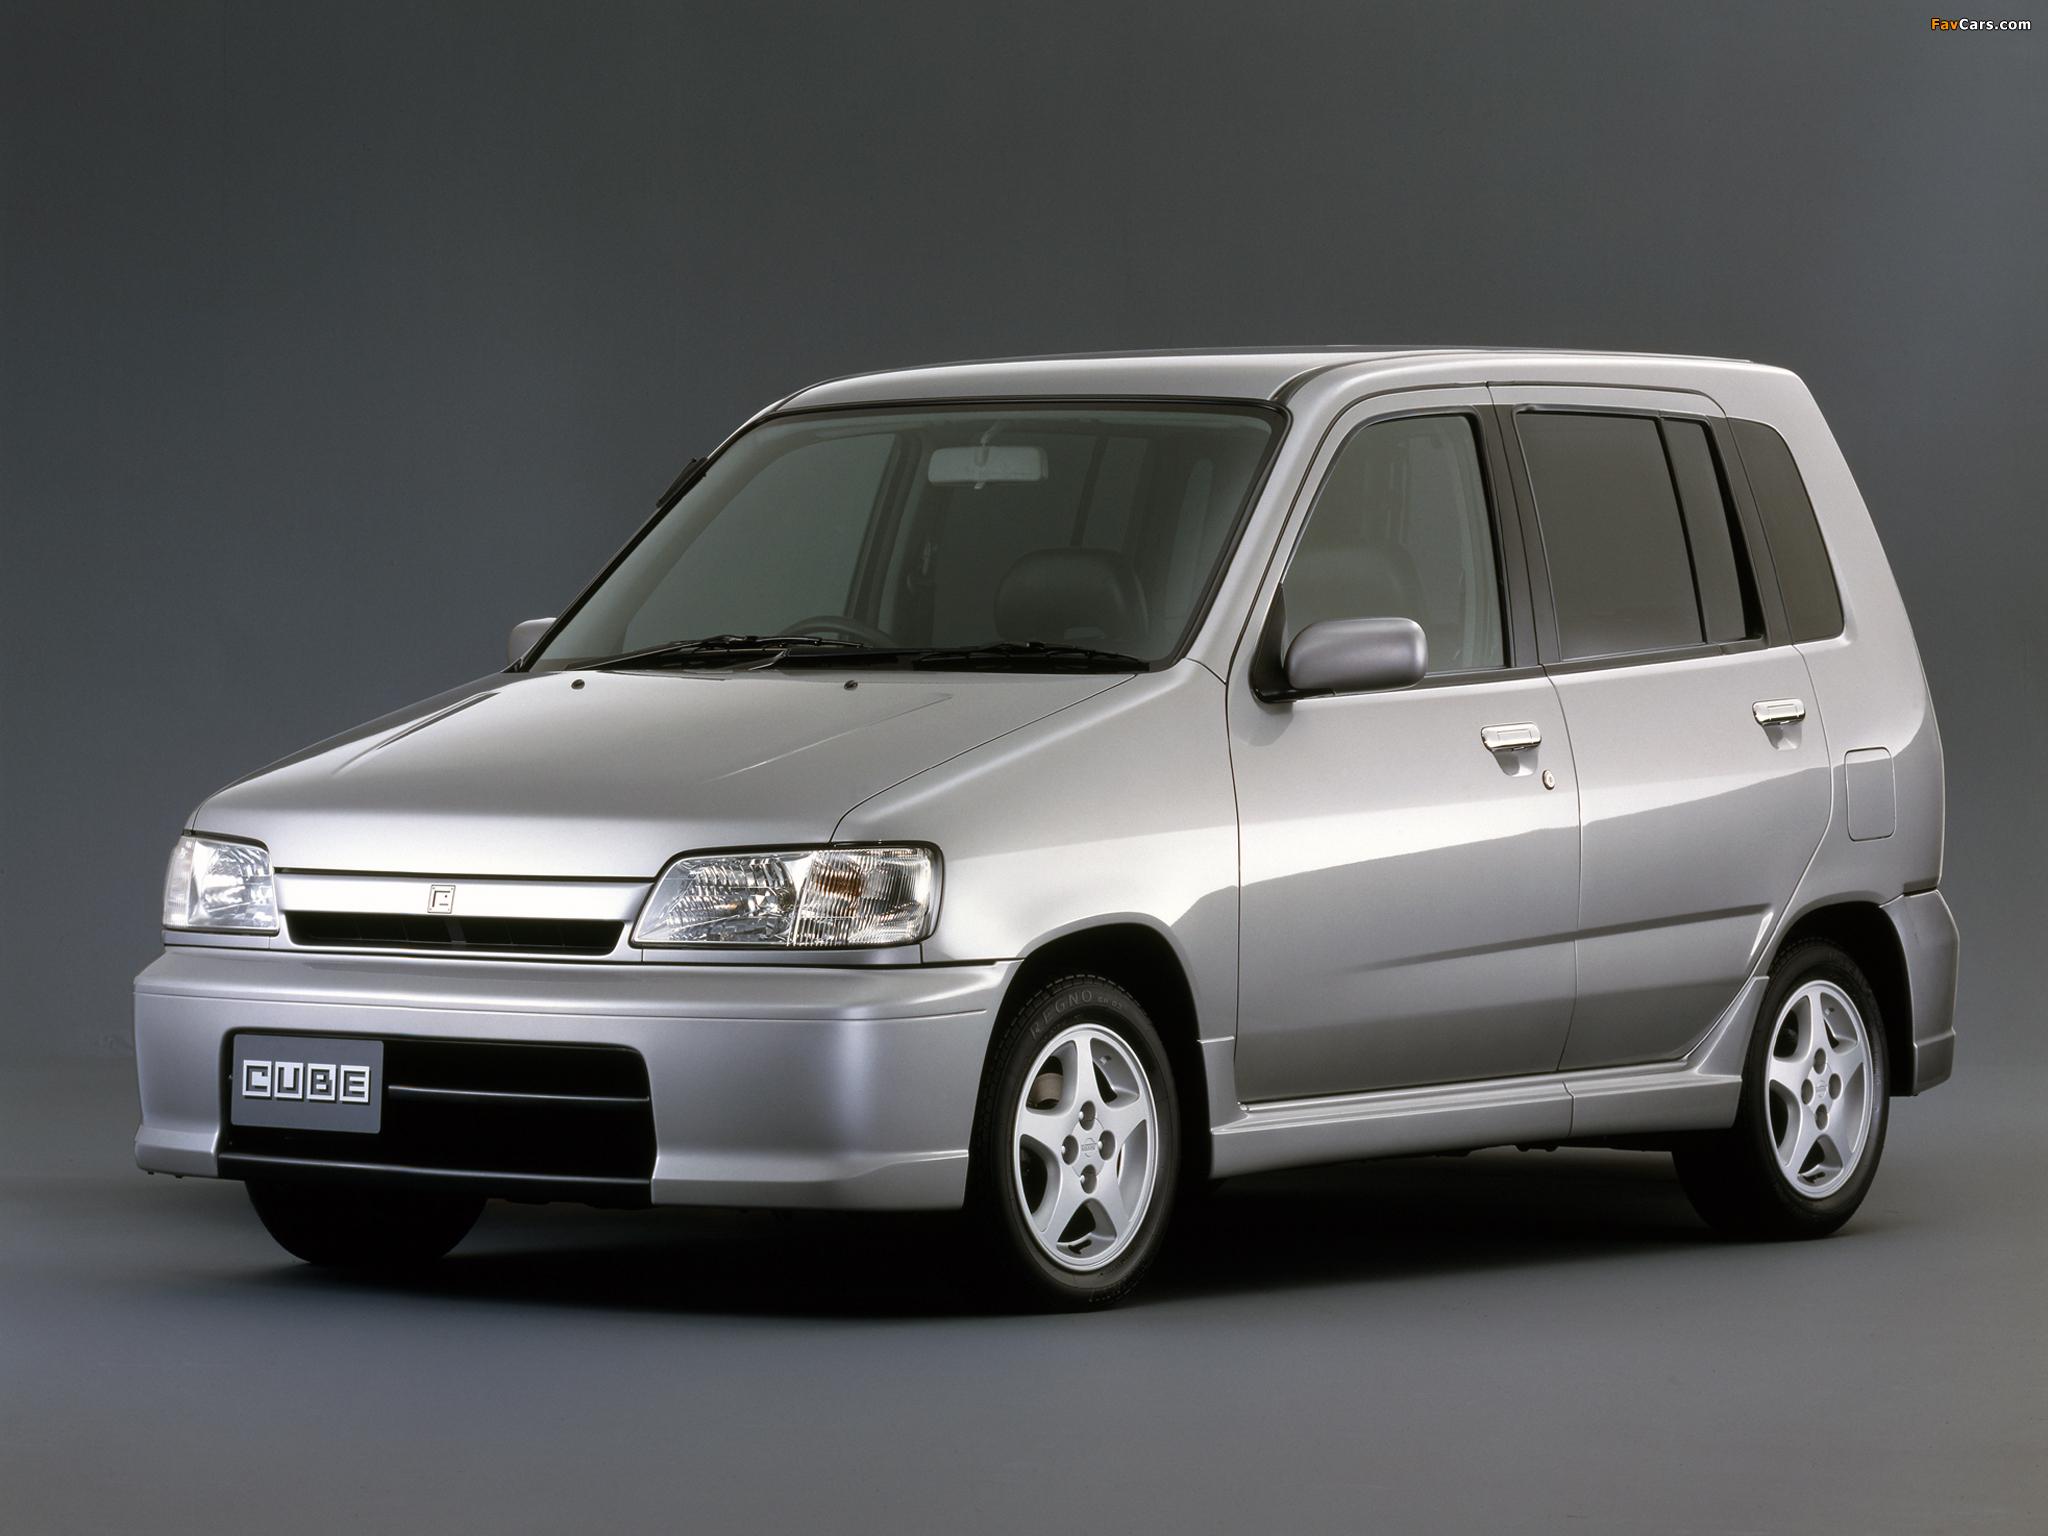 Nissan Cube Z10 19982000 images 2048x1536